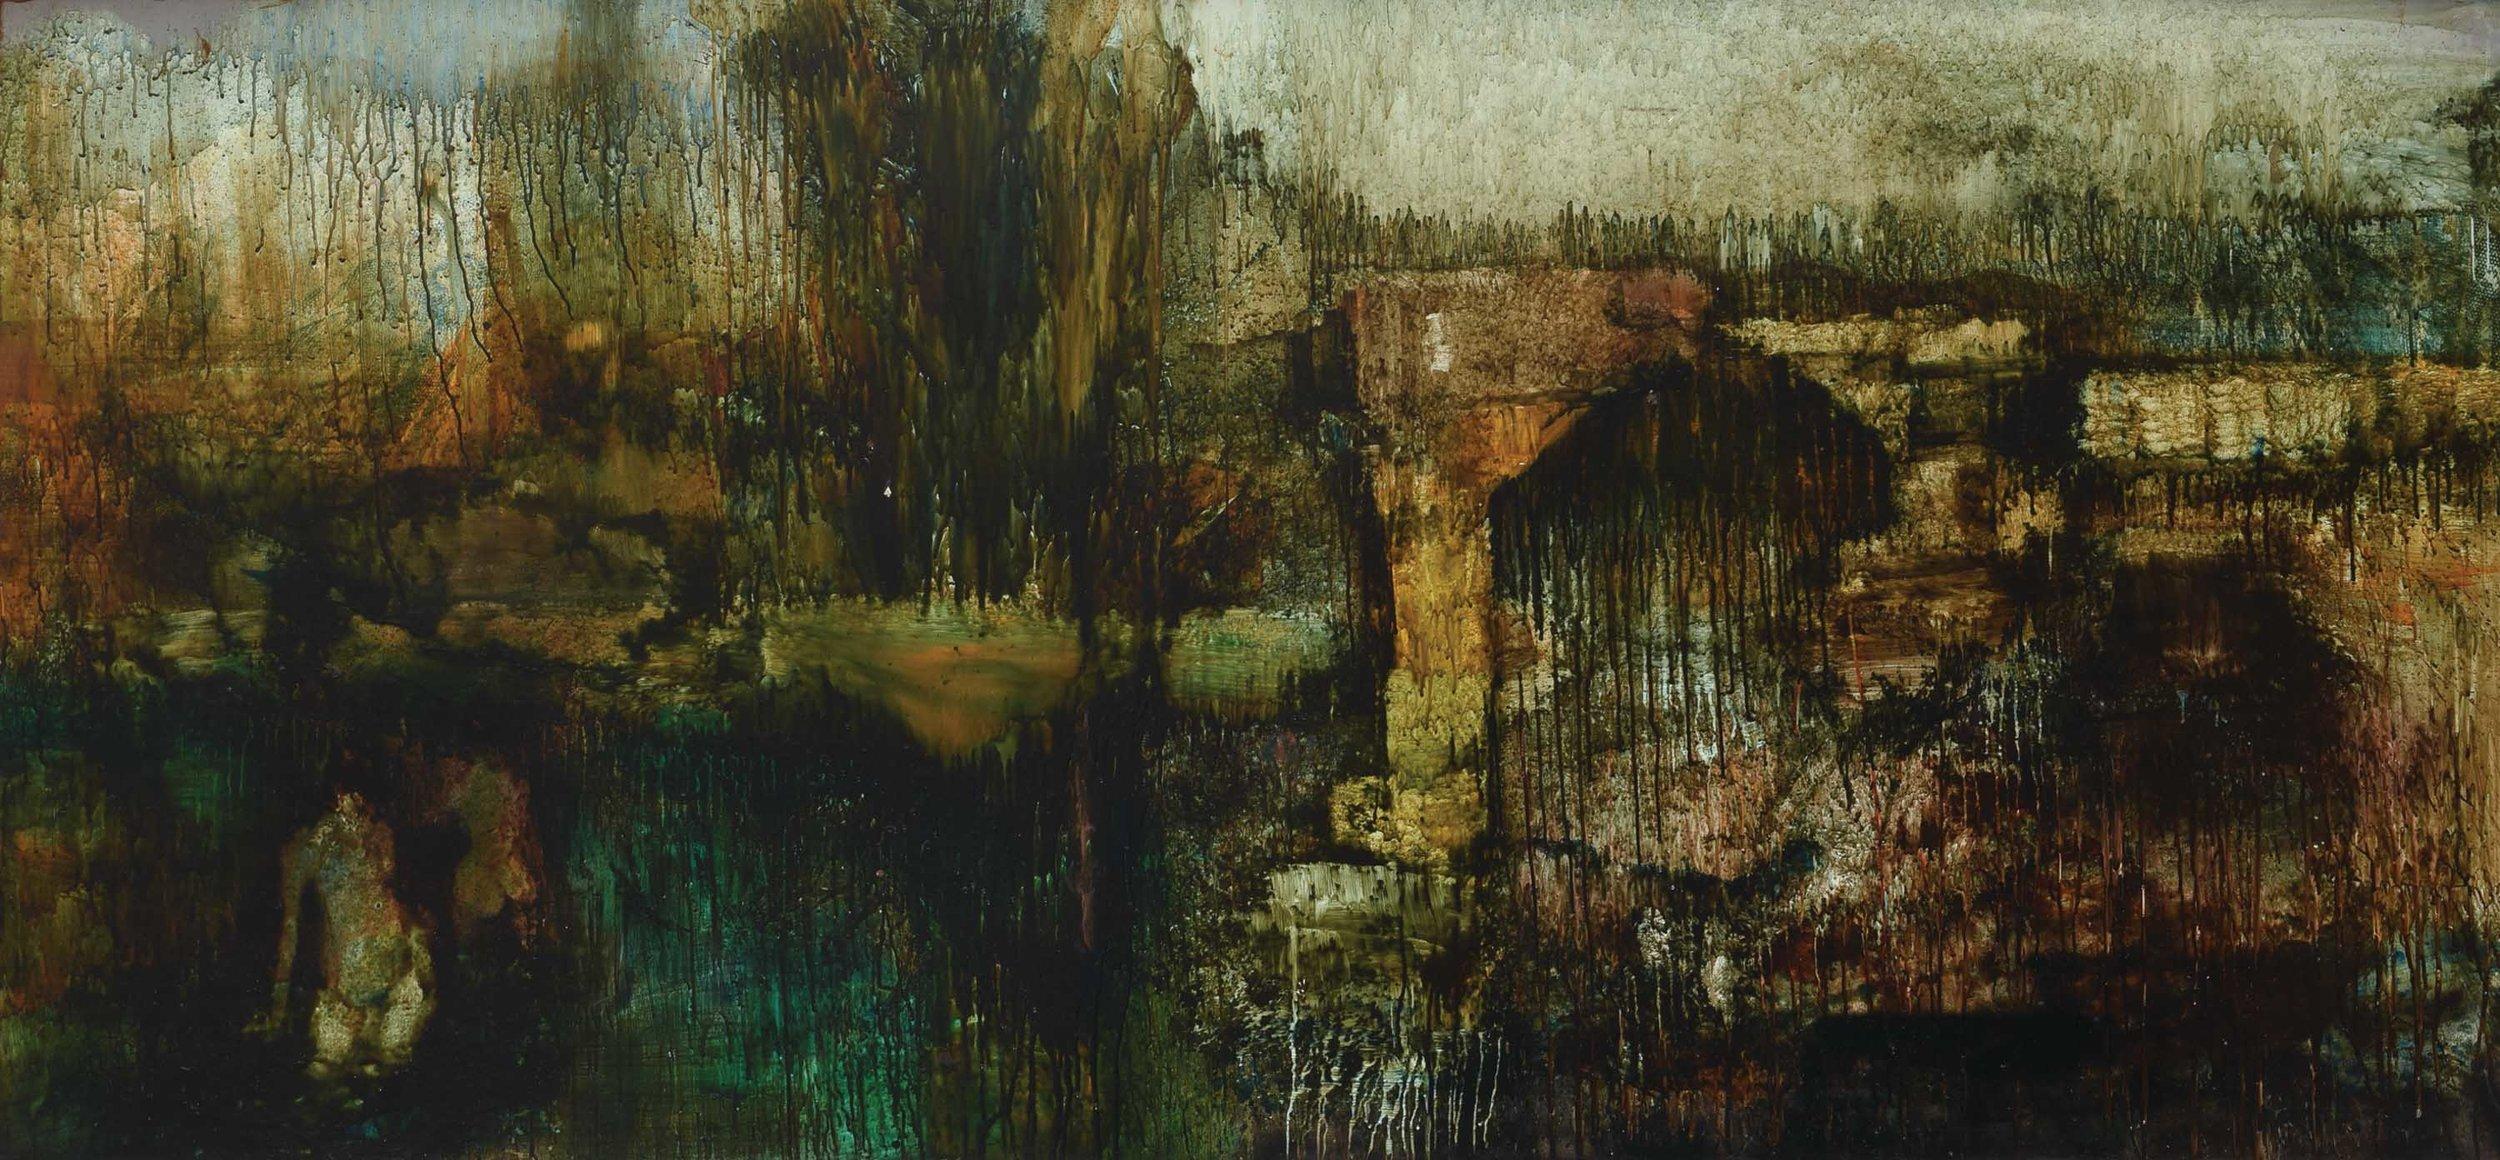 'Untitled (Capriccio II)', undated, oil on board, 130 x 290cm. Image courtesy of Art Agenda, S.E.A.